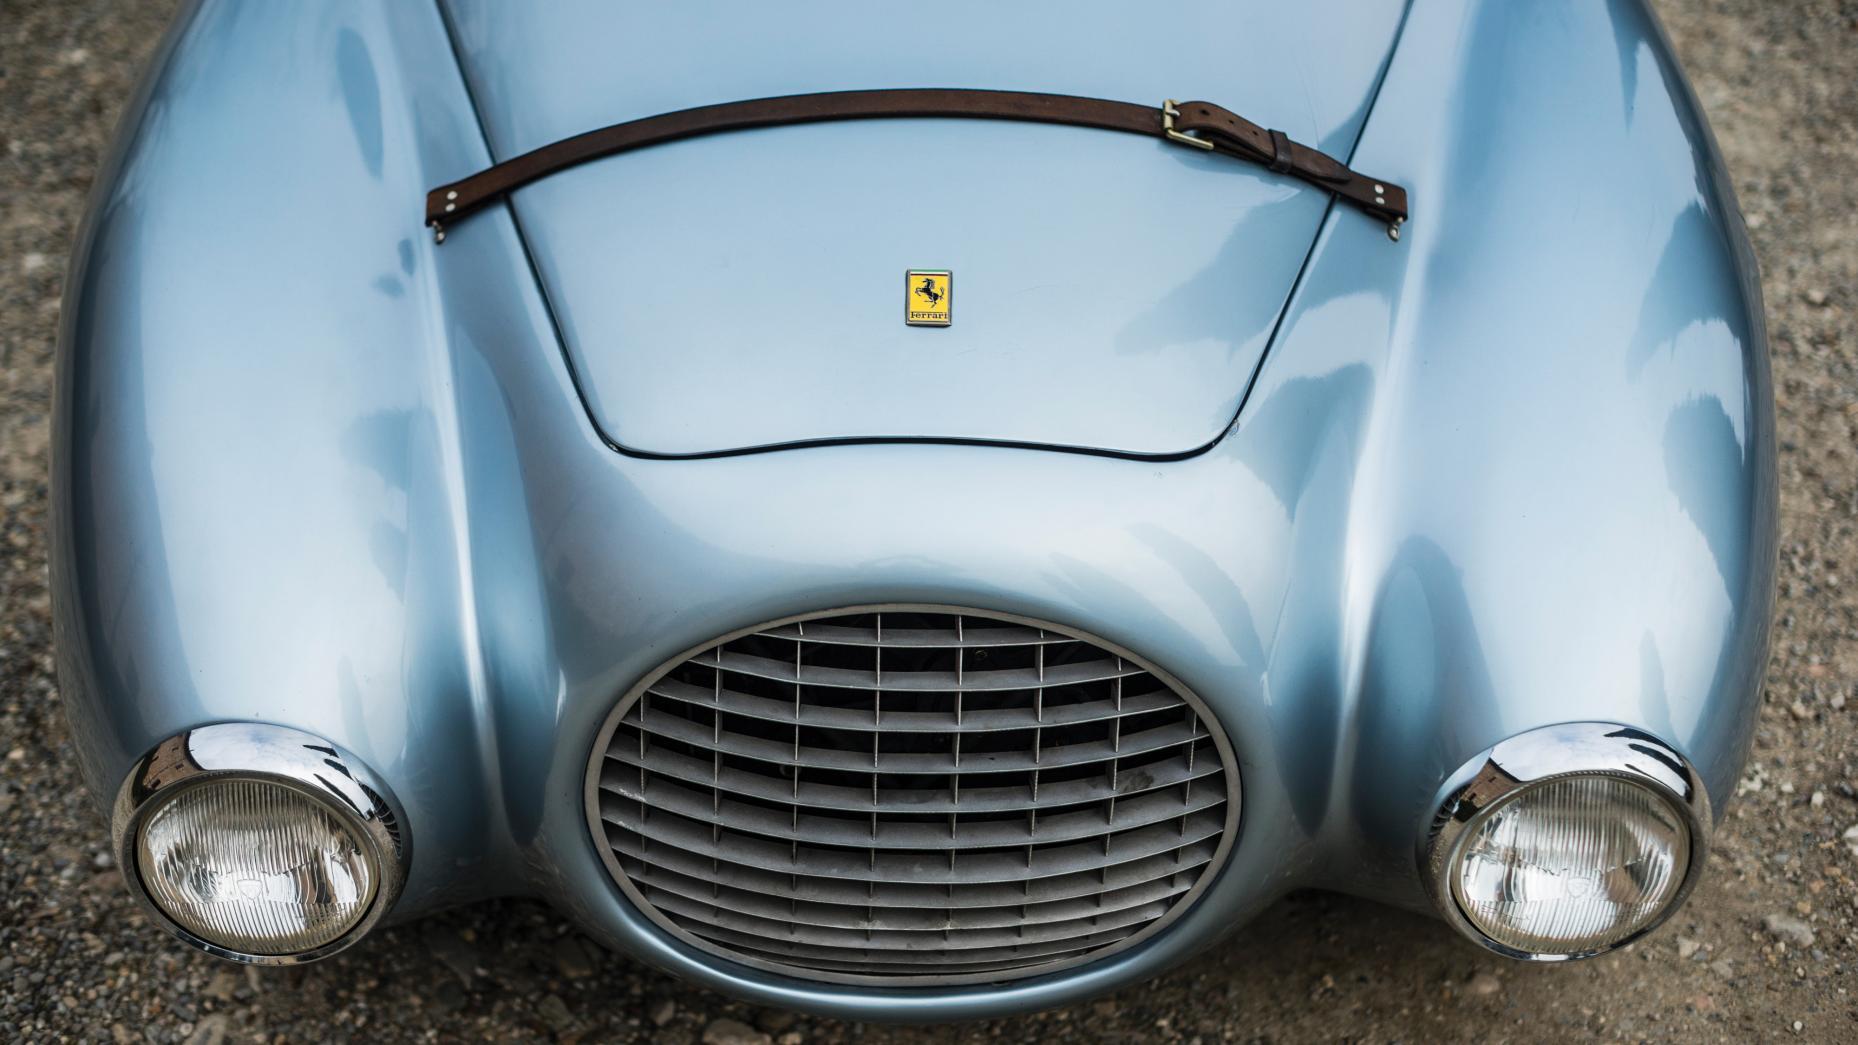 این خودرو تاریخ ایرودینامیک فراری را تغییر داد و اینک 4 میلیون پوند می ارزد